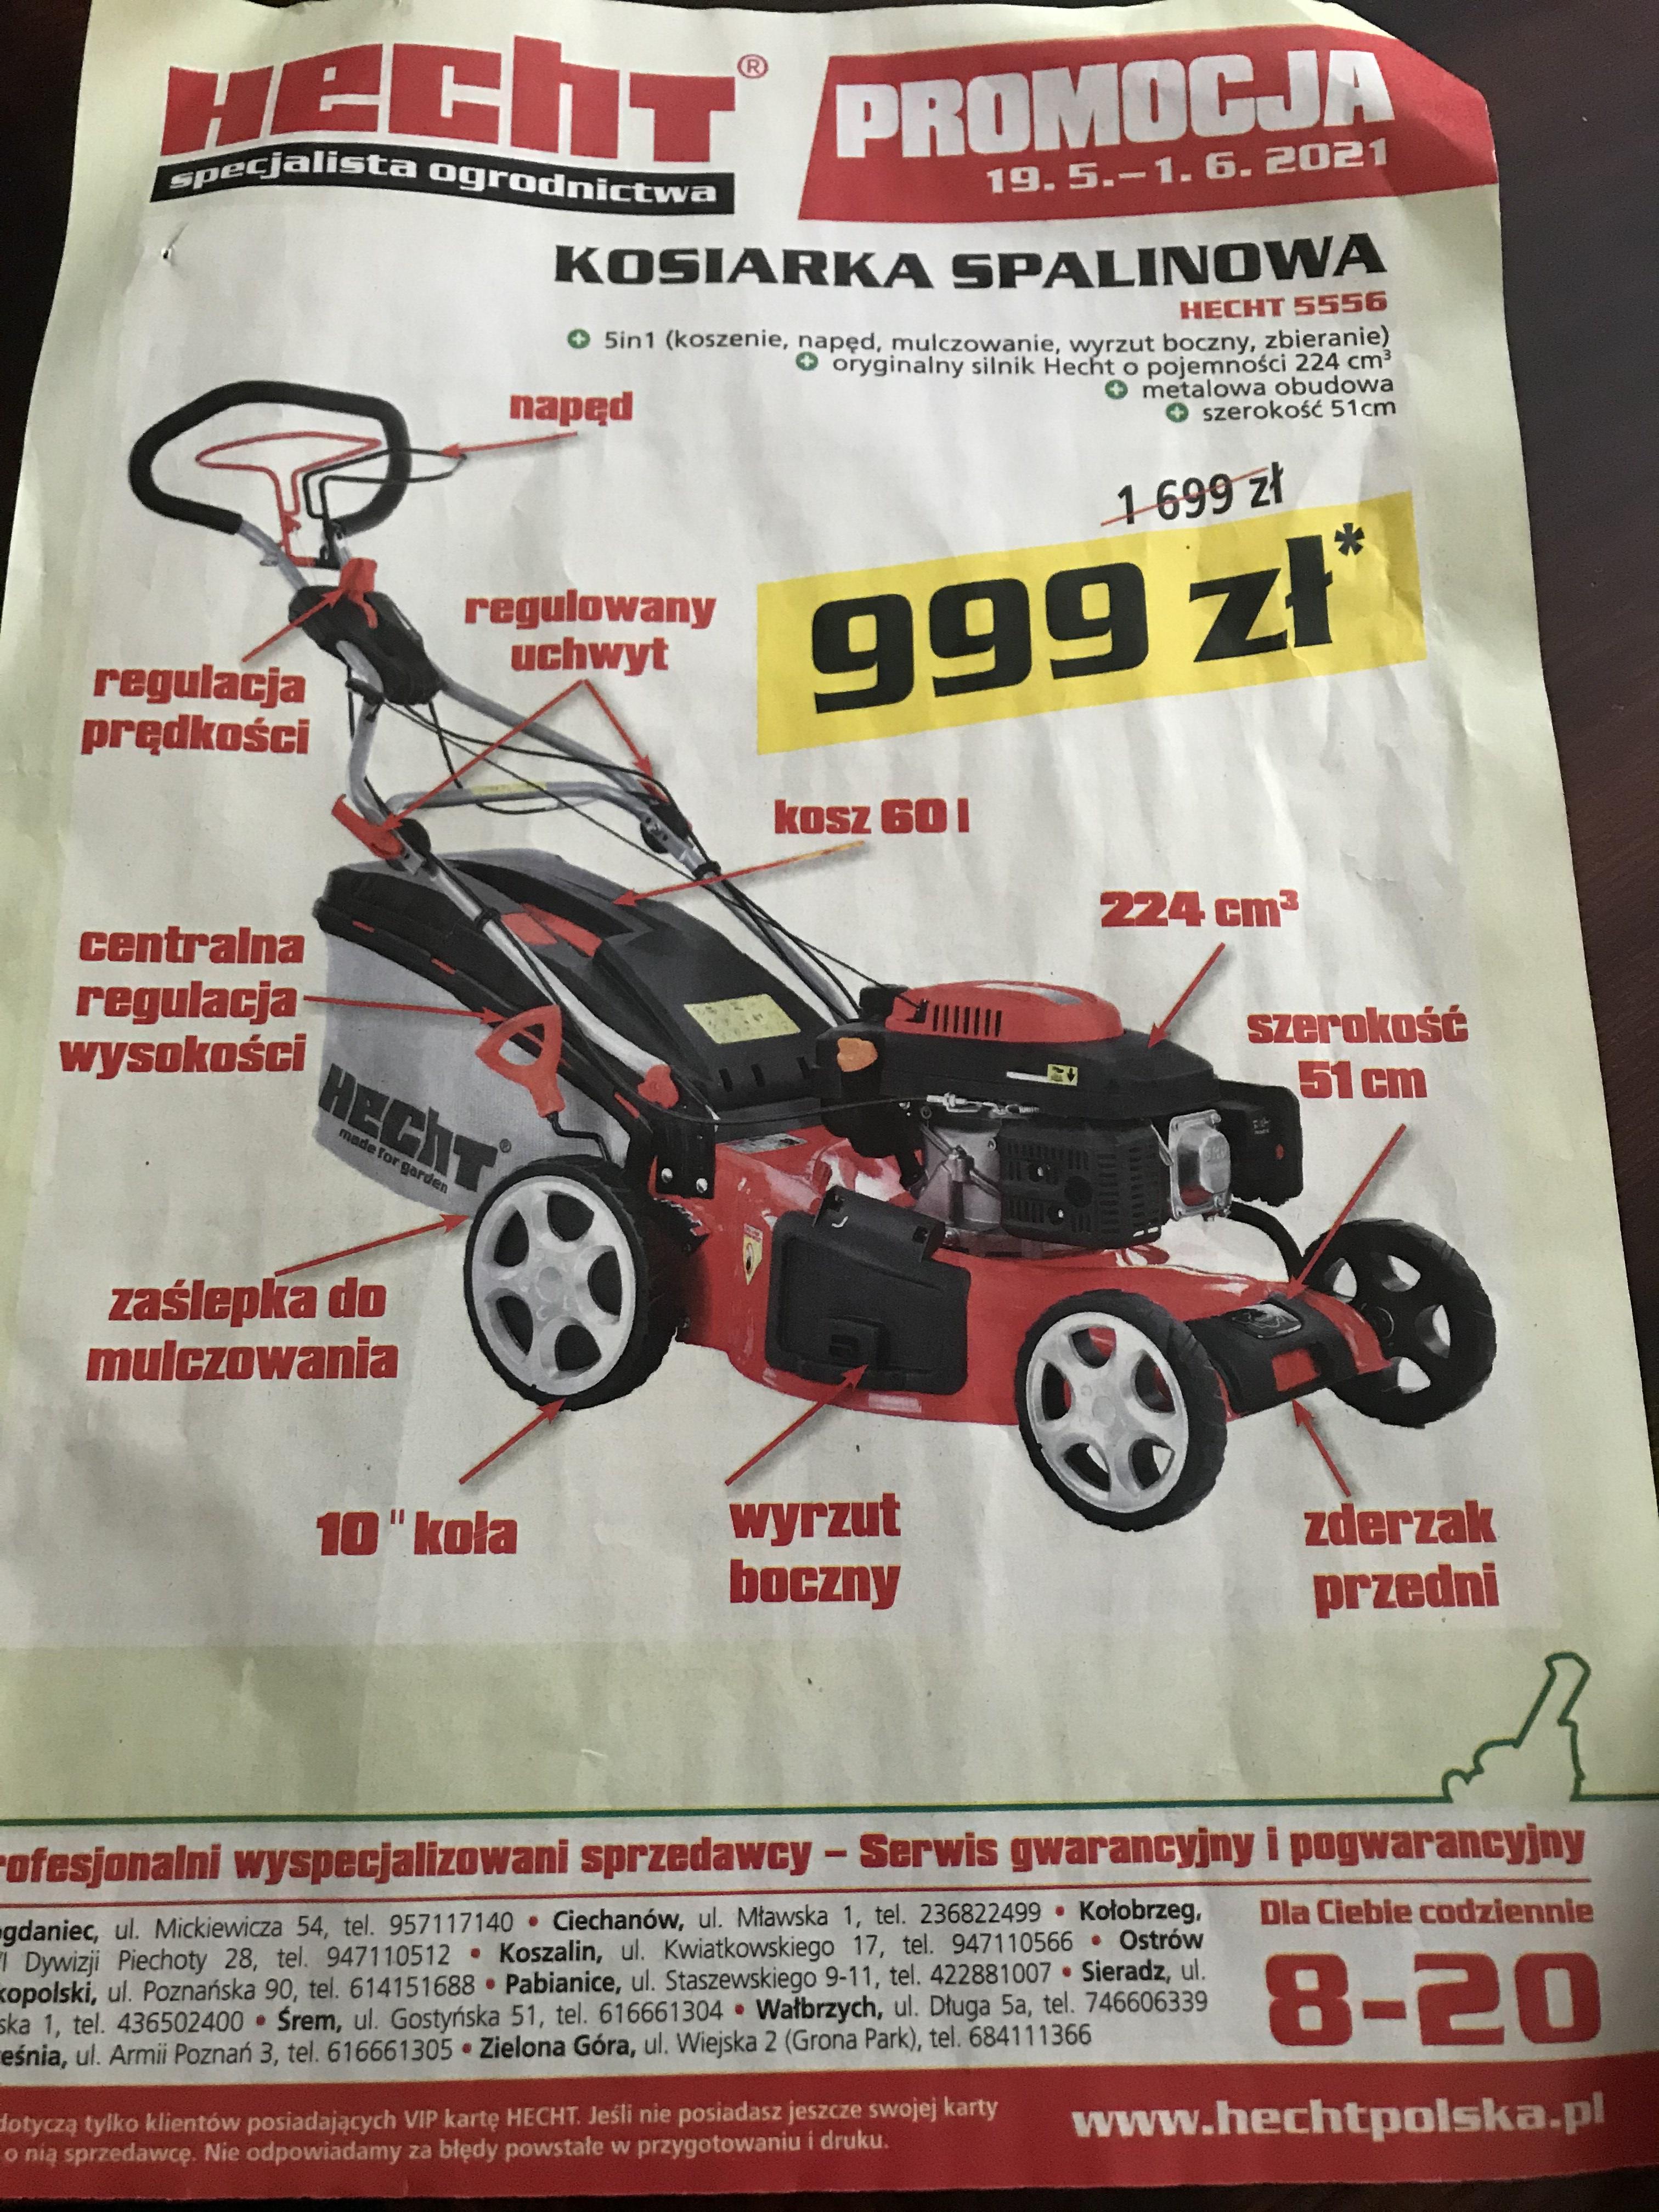 Kosiarka Hecht 5556